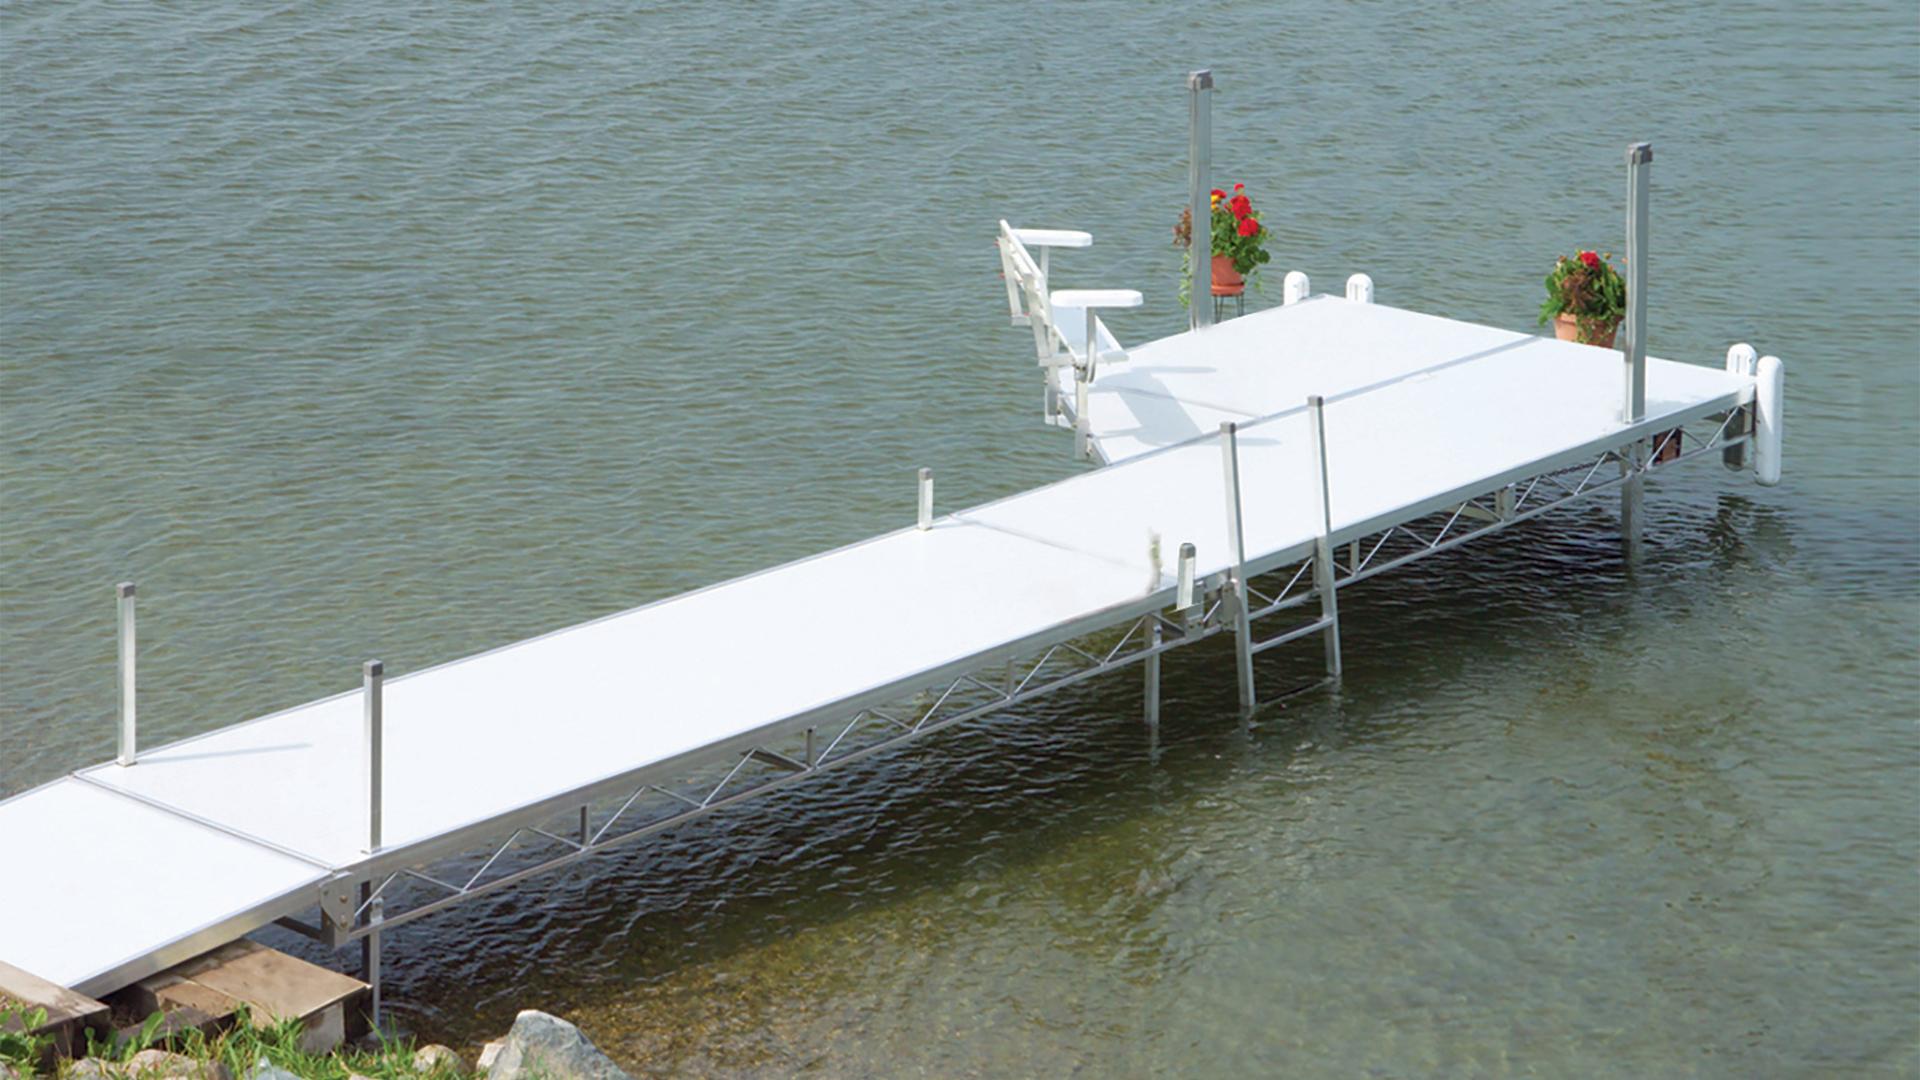 Porta-Dock AA roll-in dock on the water